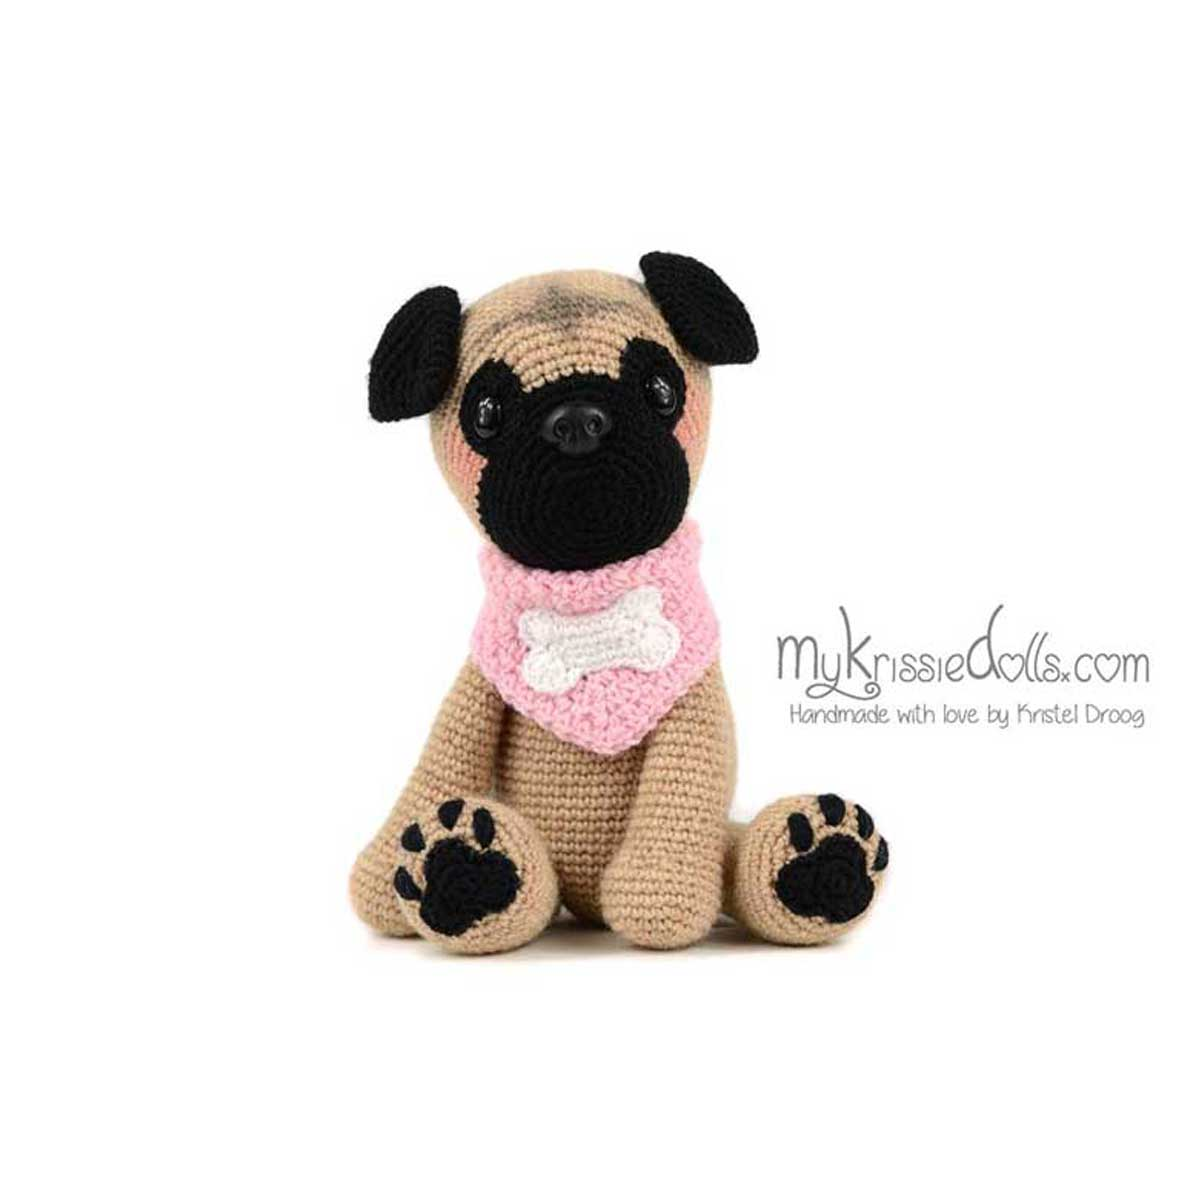 hondjes van sokkenwol mopshond pip haakpakket